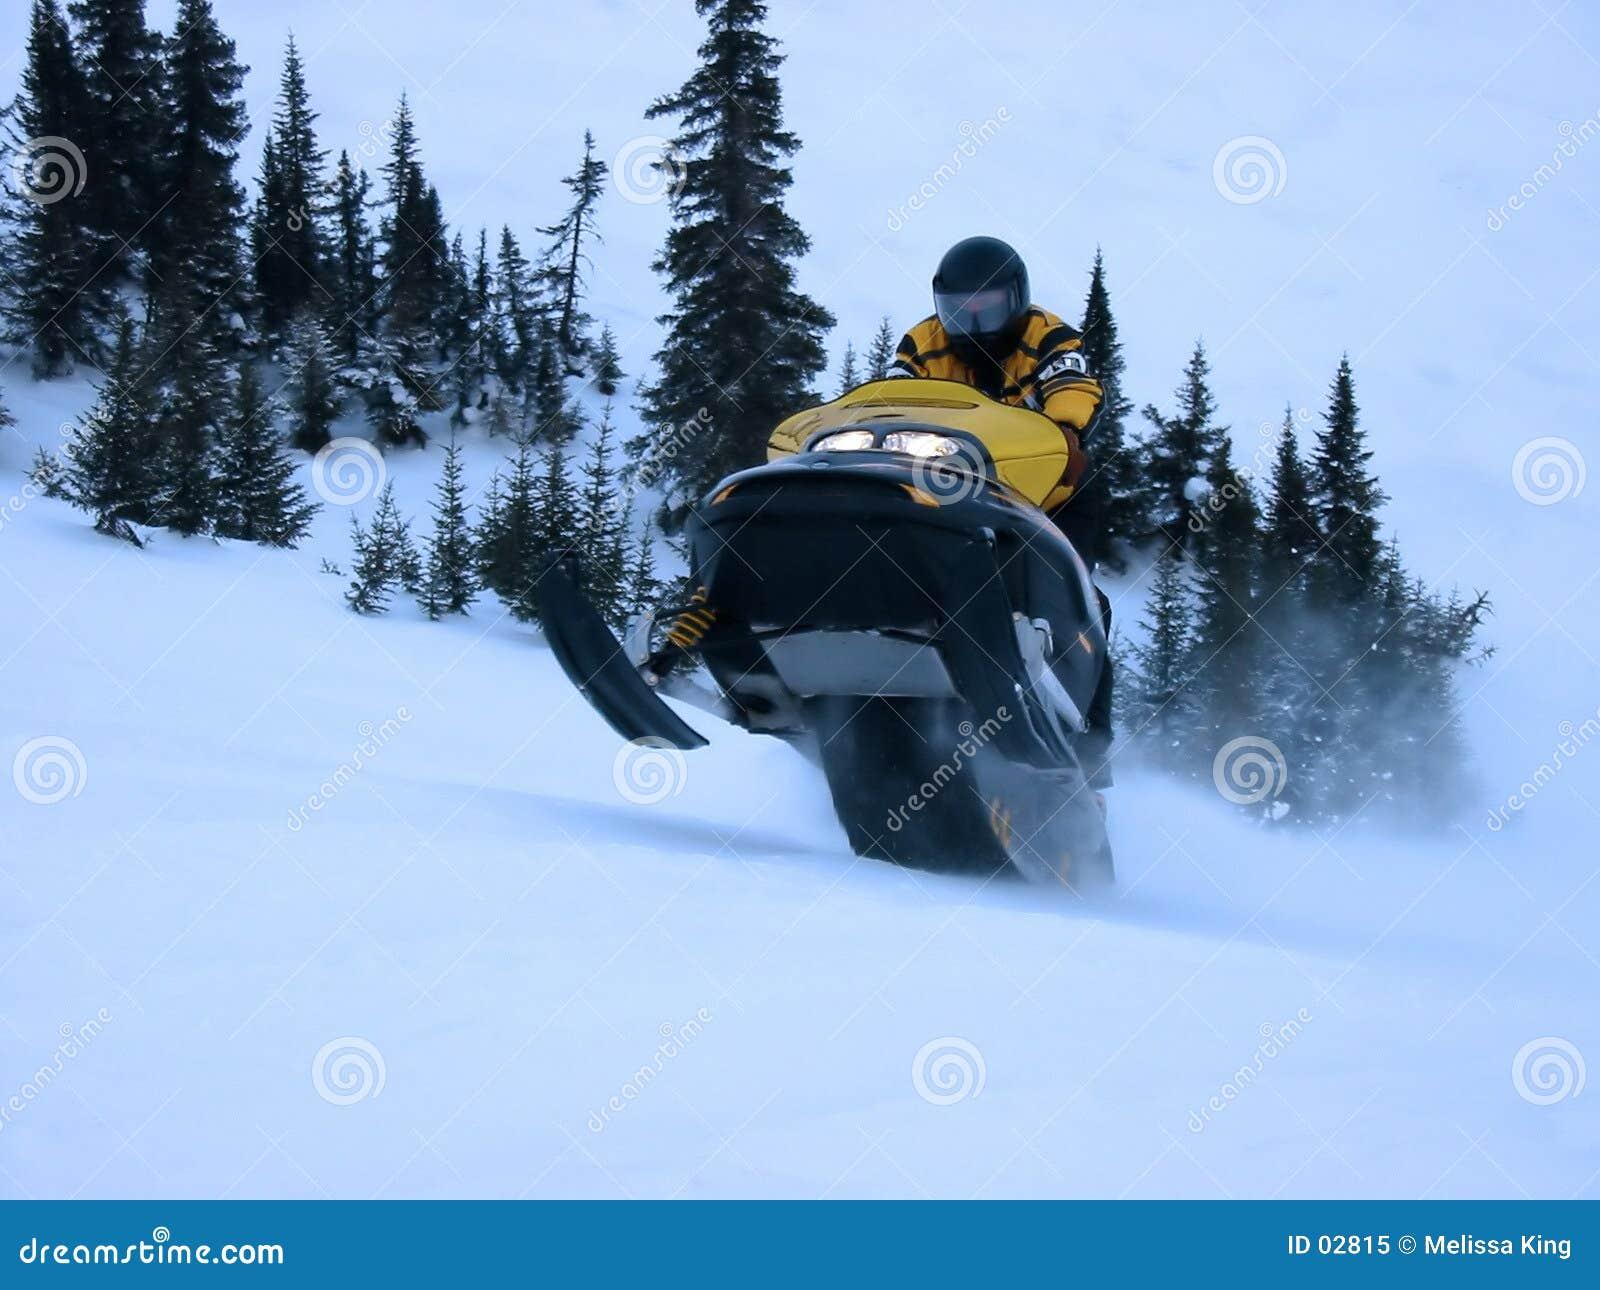 Esqui-Doo que toma o salto